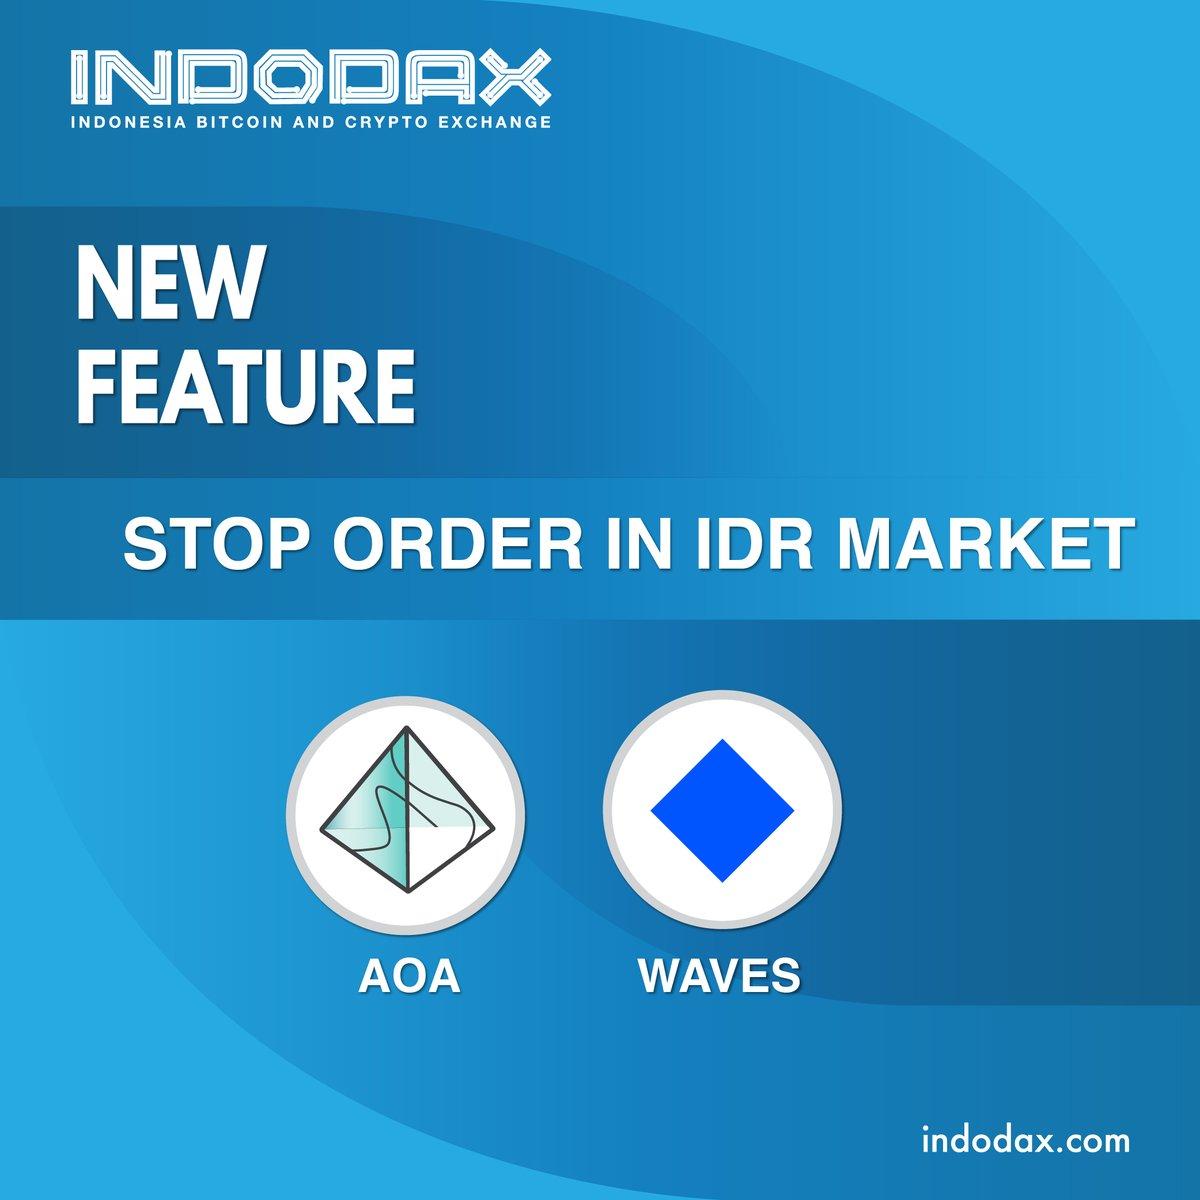 Binance mânere strategic de a cumpara o bursa de valori din Indonezia